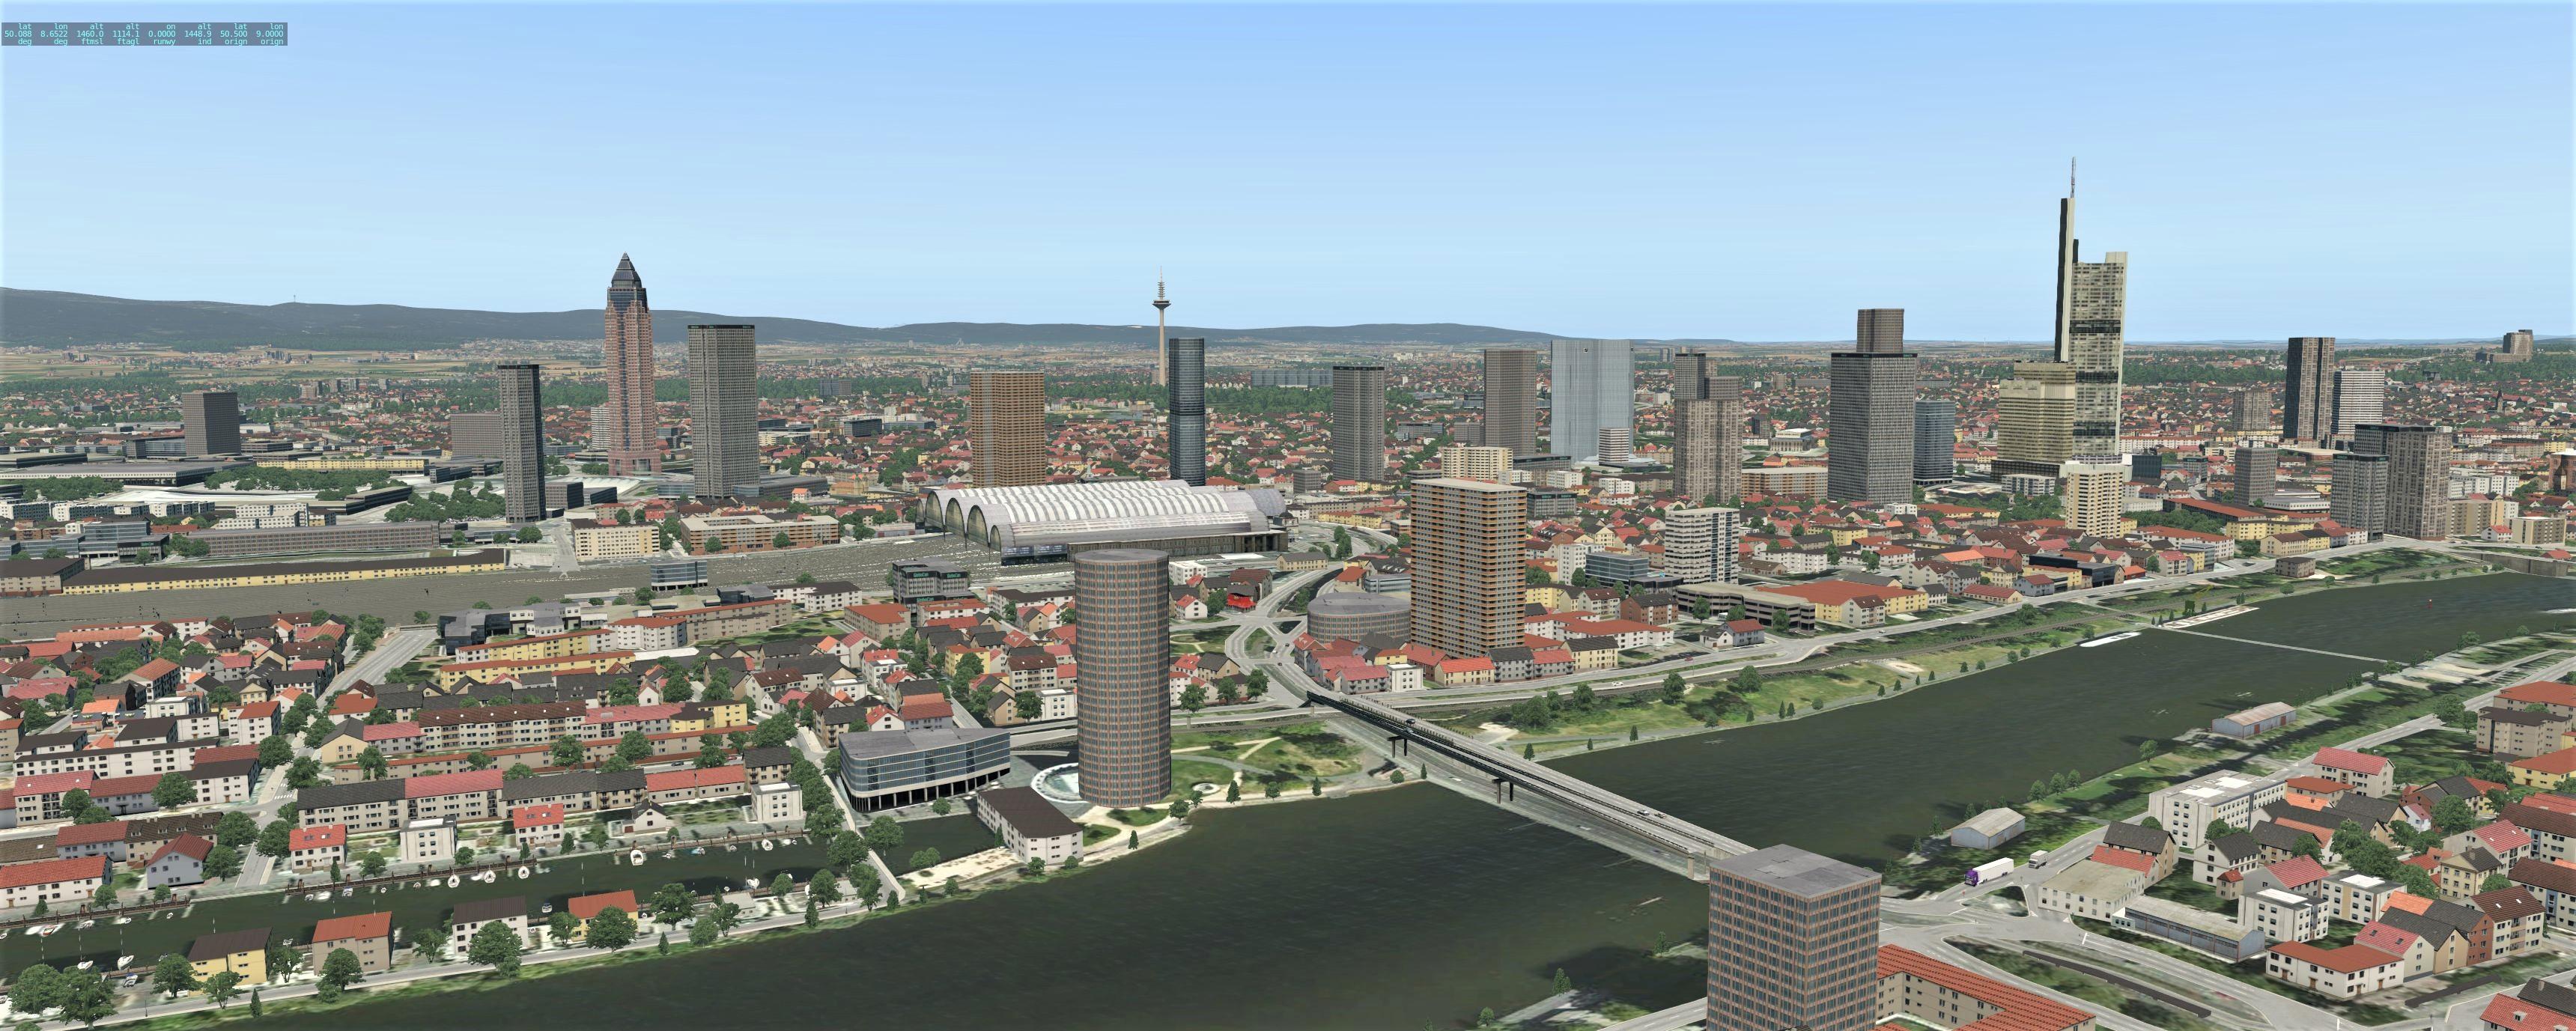 1_X-Europe-3_Frankfurt